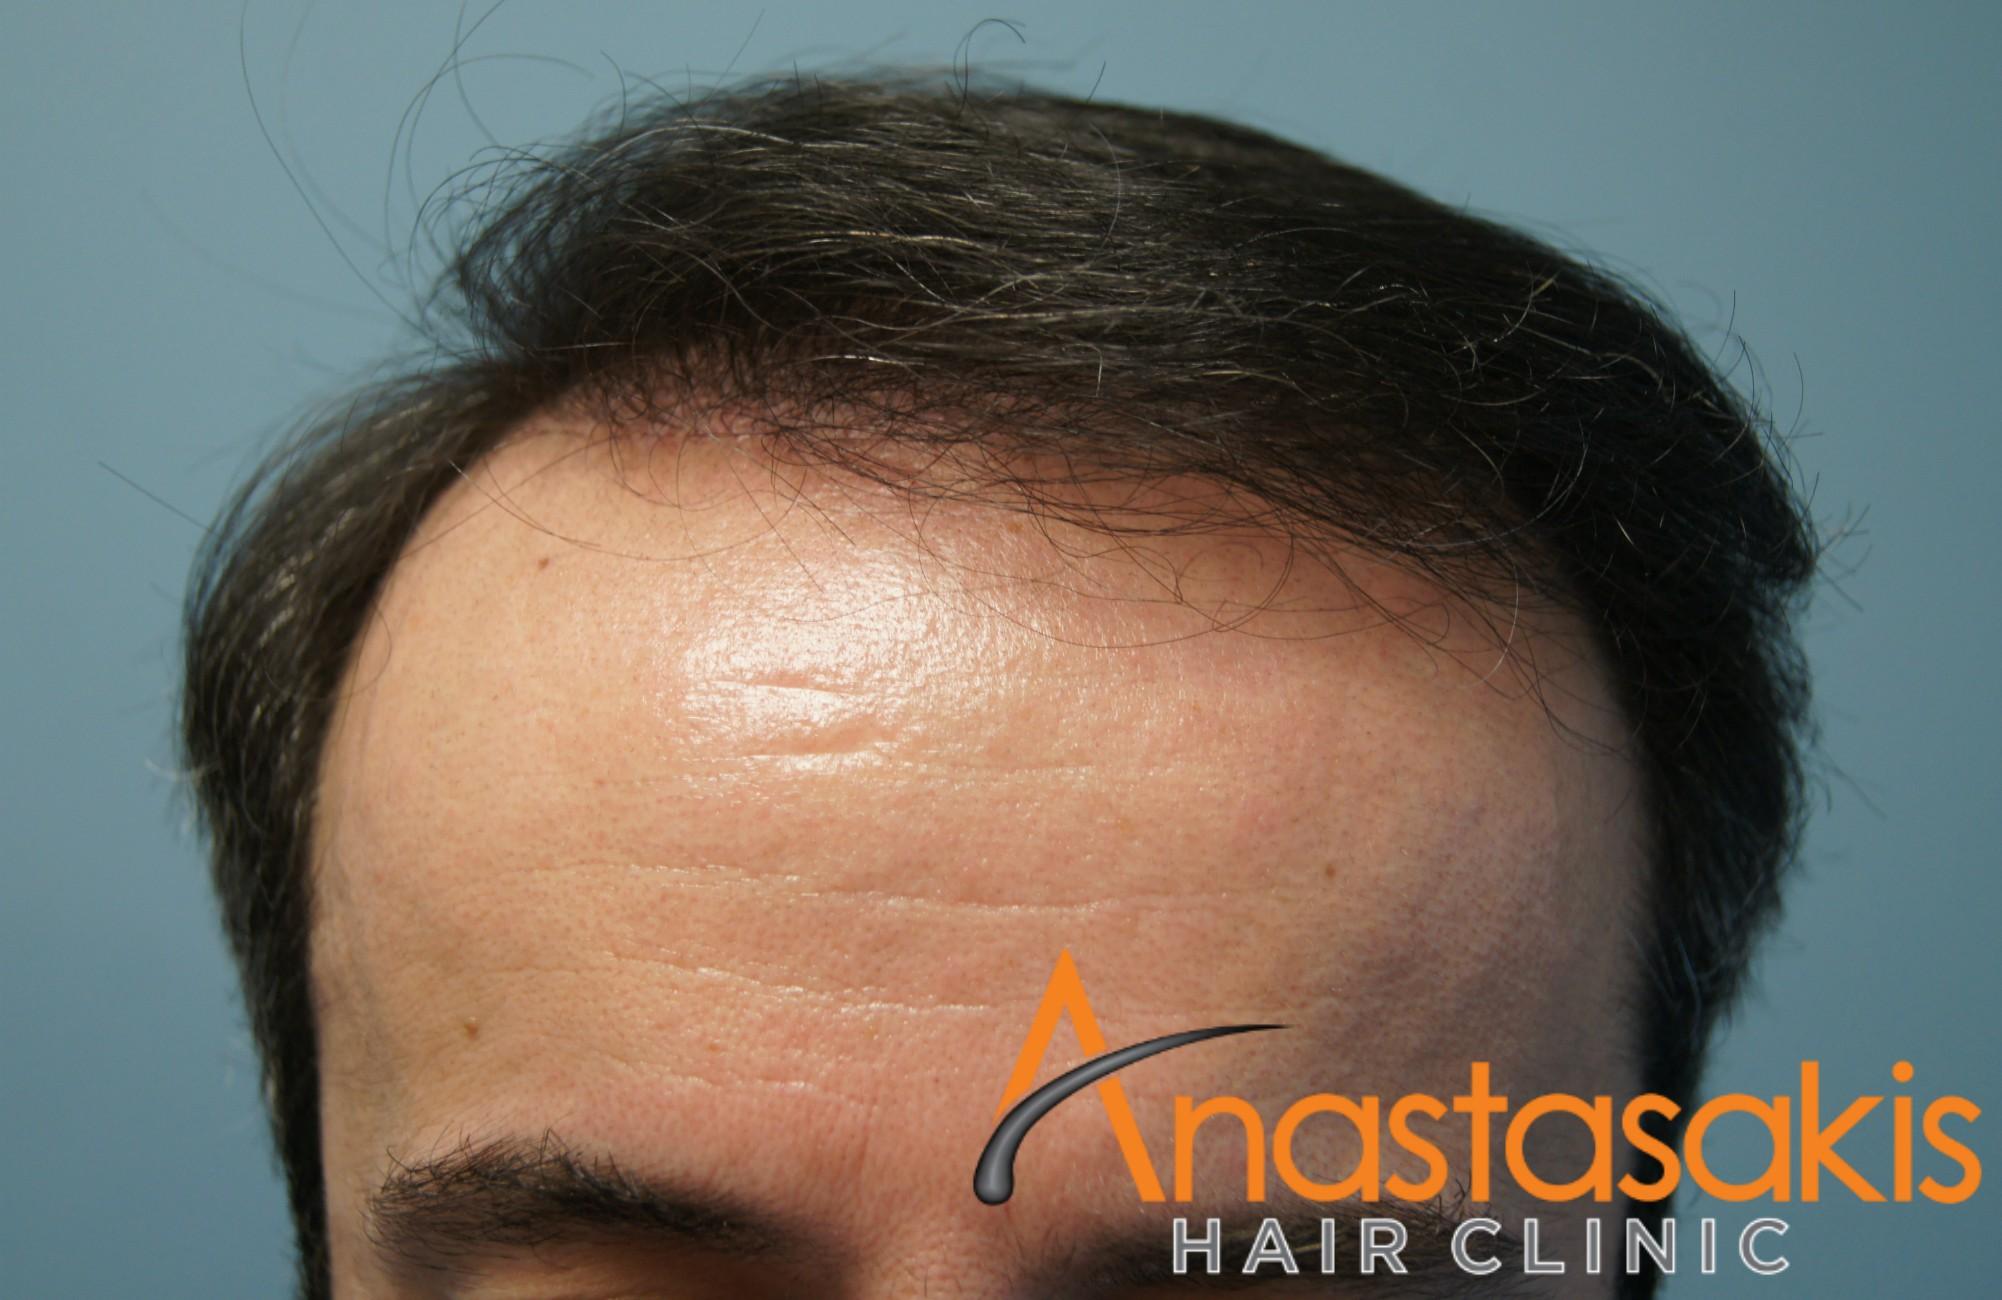 hairline ασθενους μετα τη μεταμοσχευση μαλλιων με 3300 fus